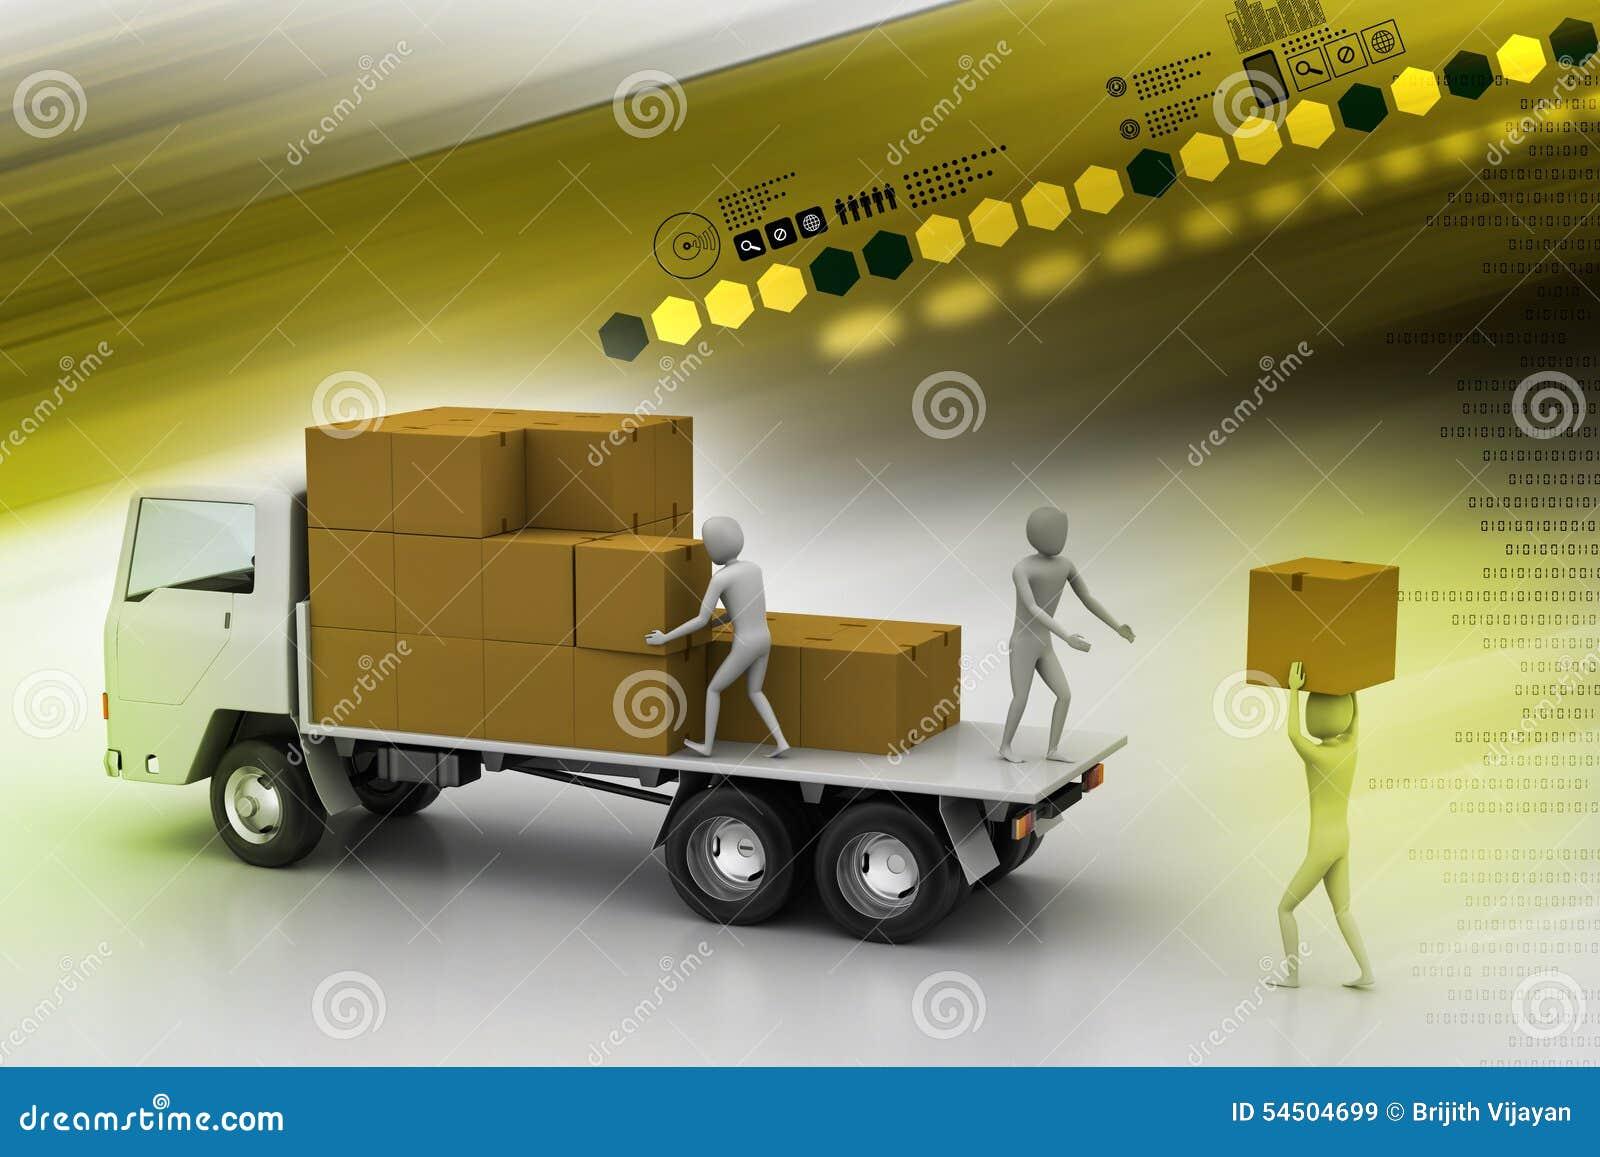 Camions de transport dans la livraison de fret